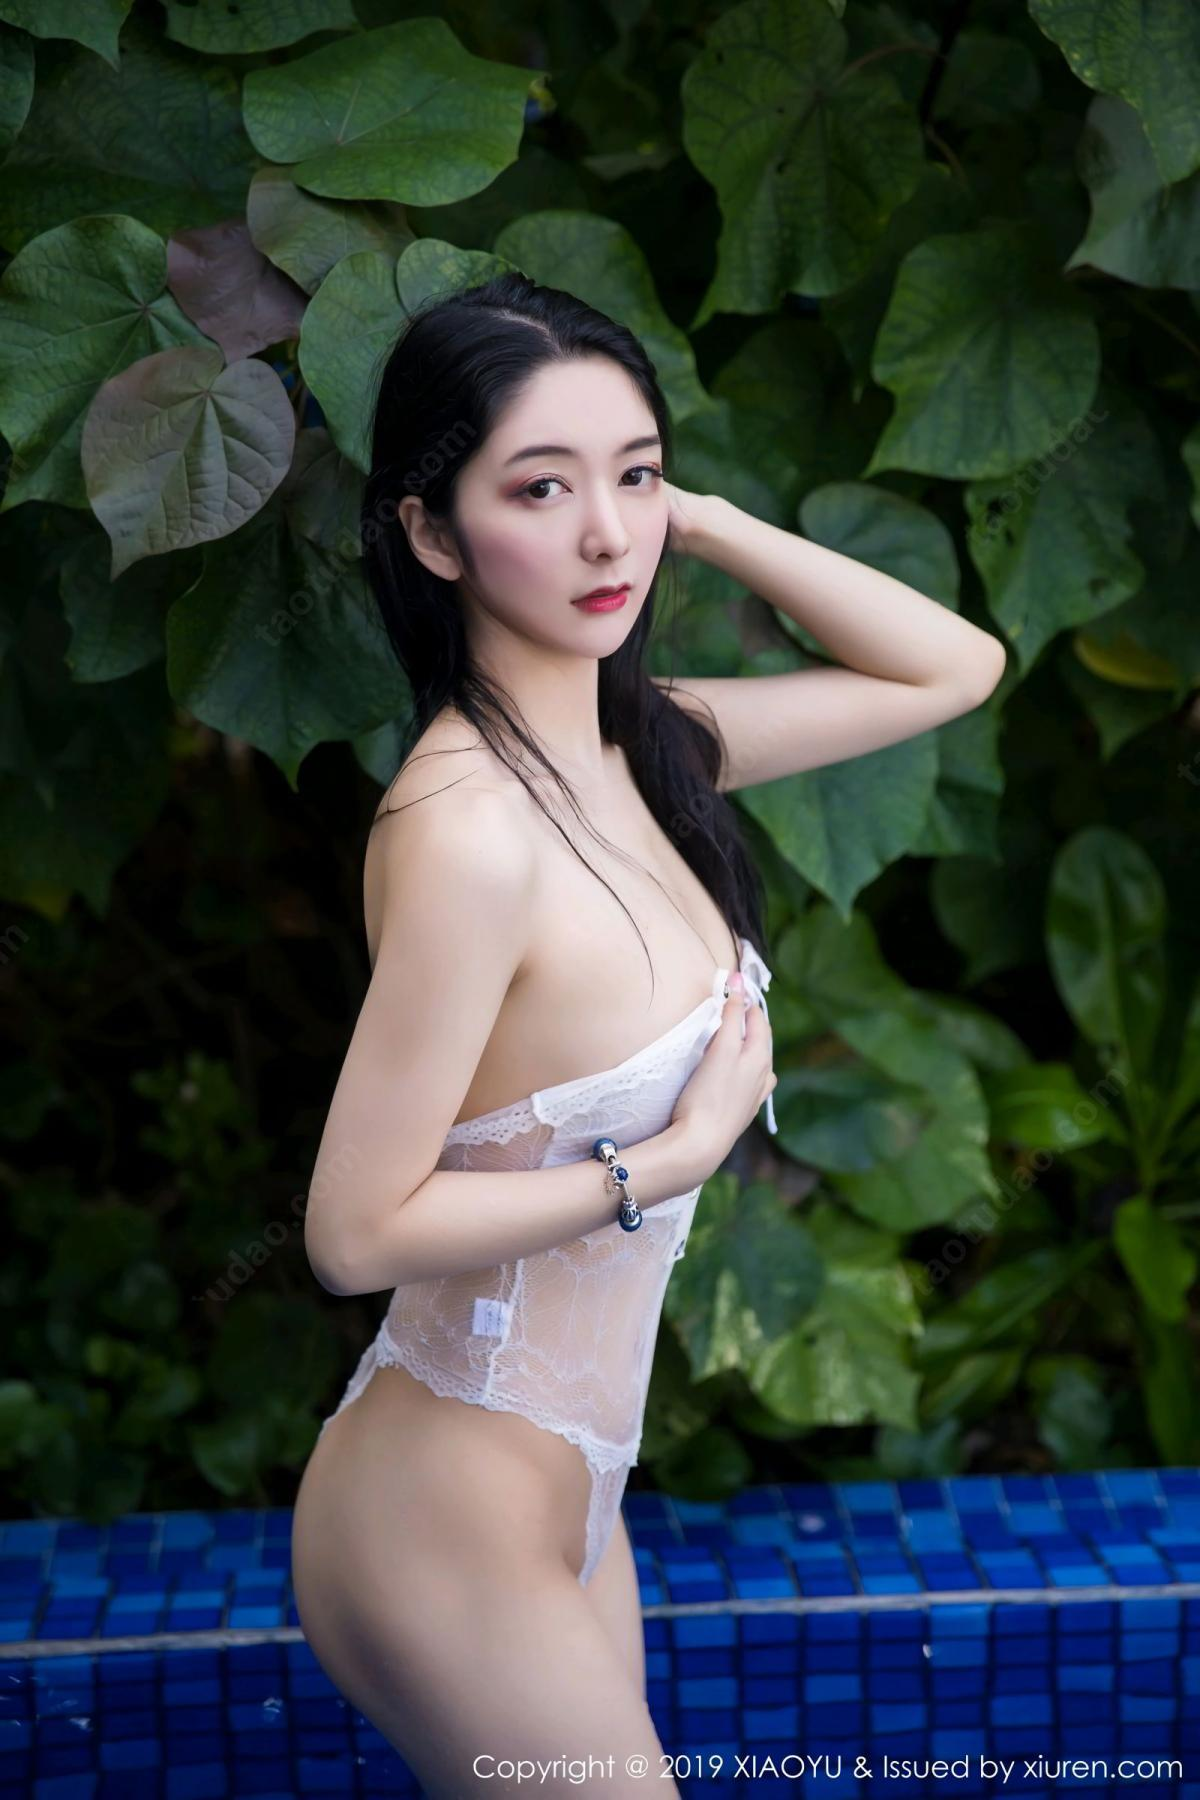 [XiaoYu] Vol.106 Di Yi 36P, Bikini, Di Yi, Swim Pool, Wet, XiaoYu